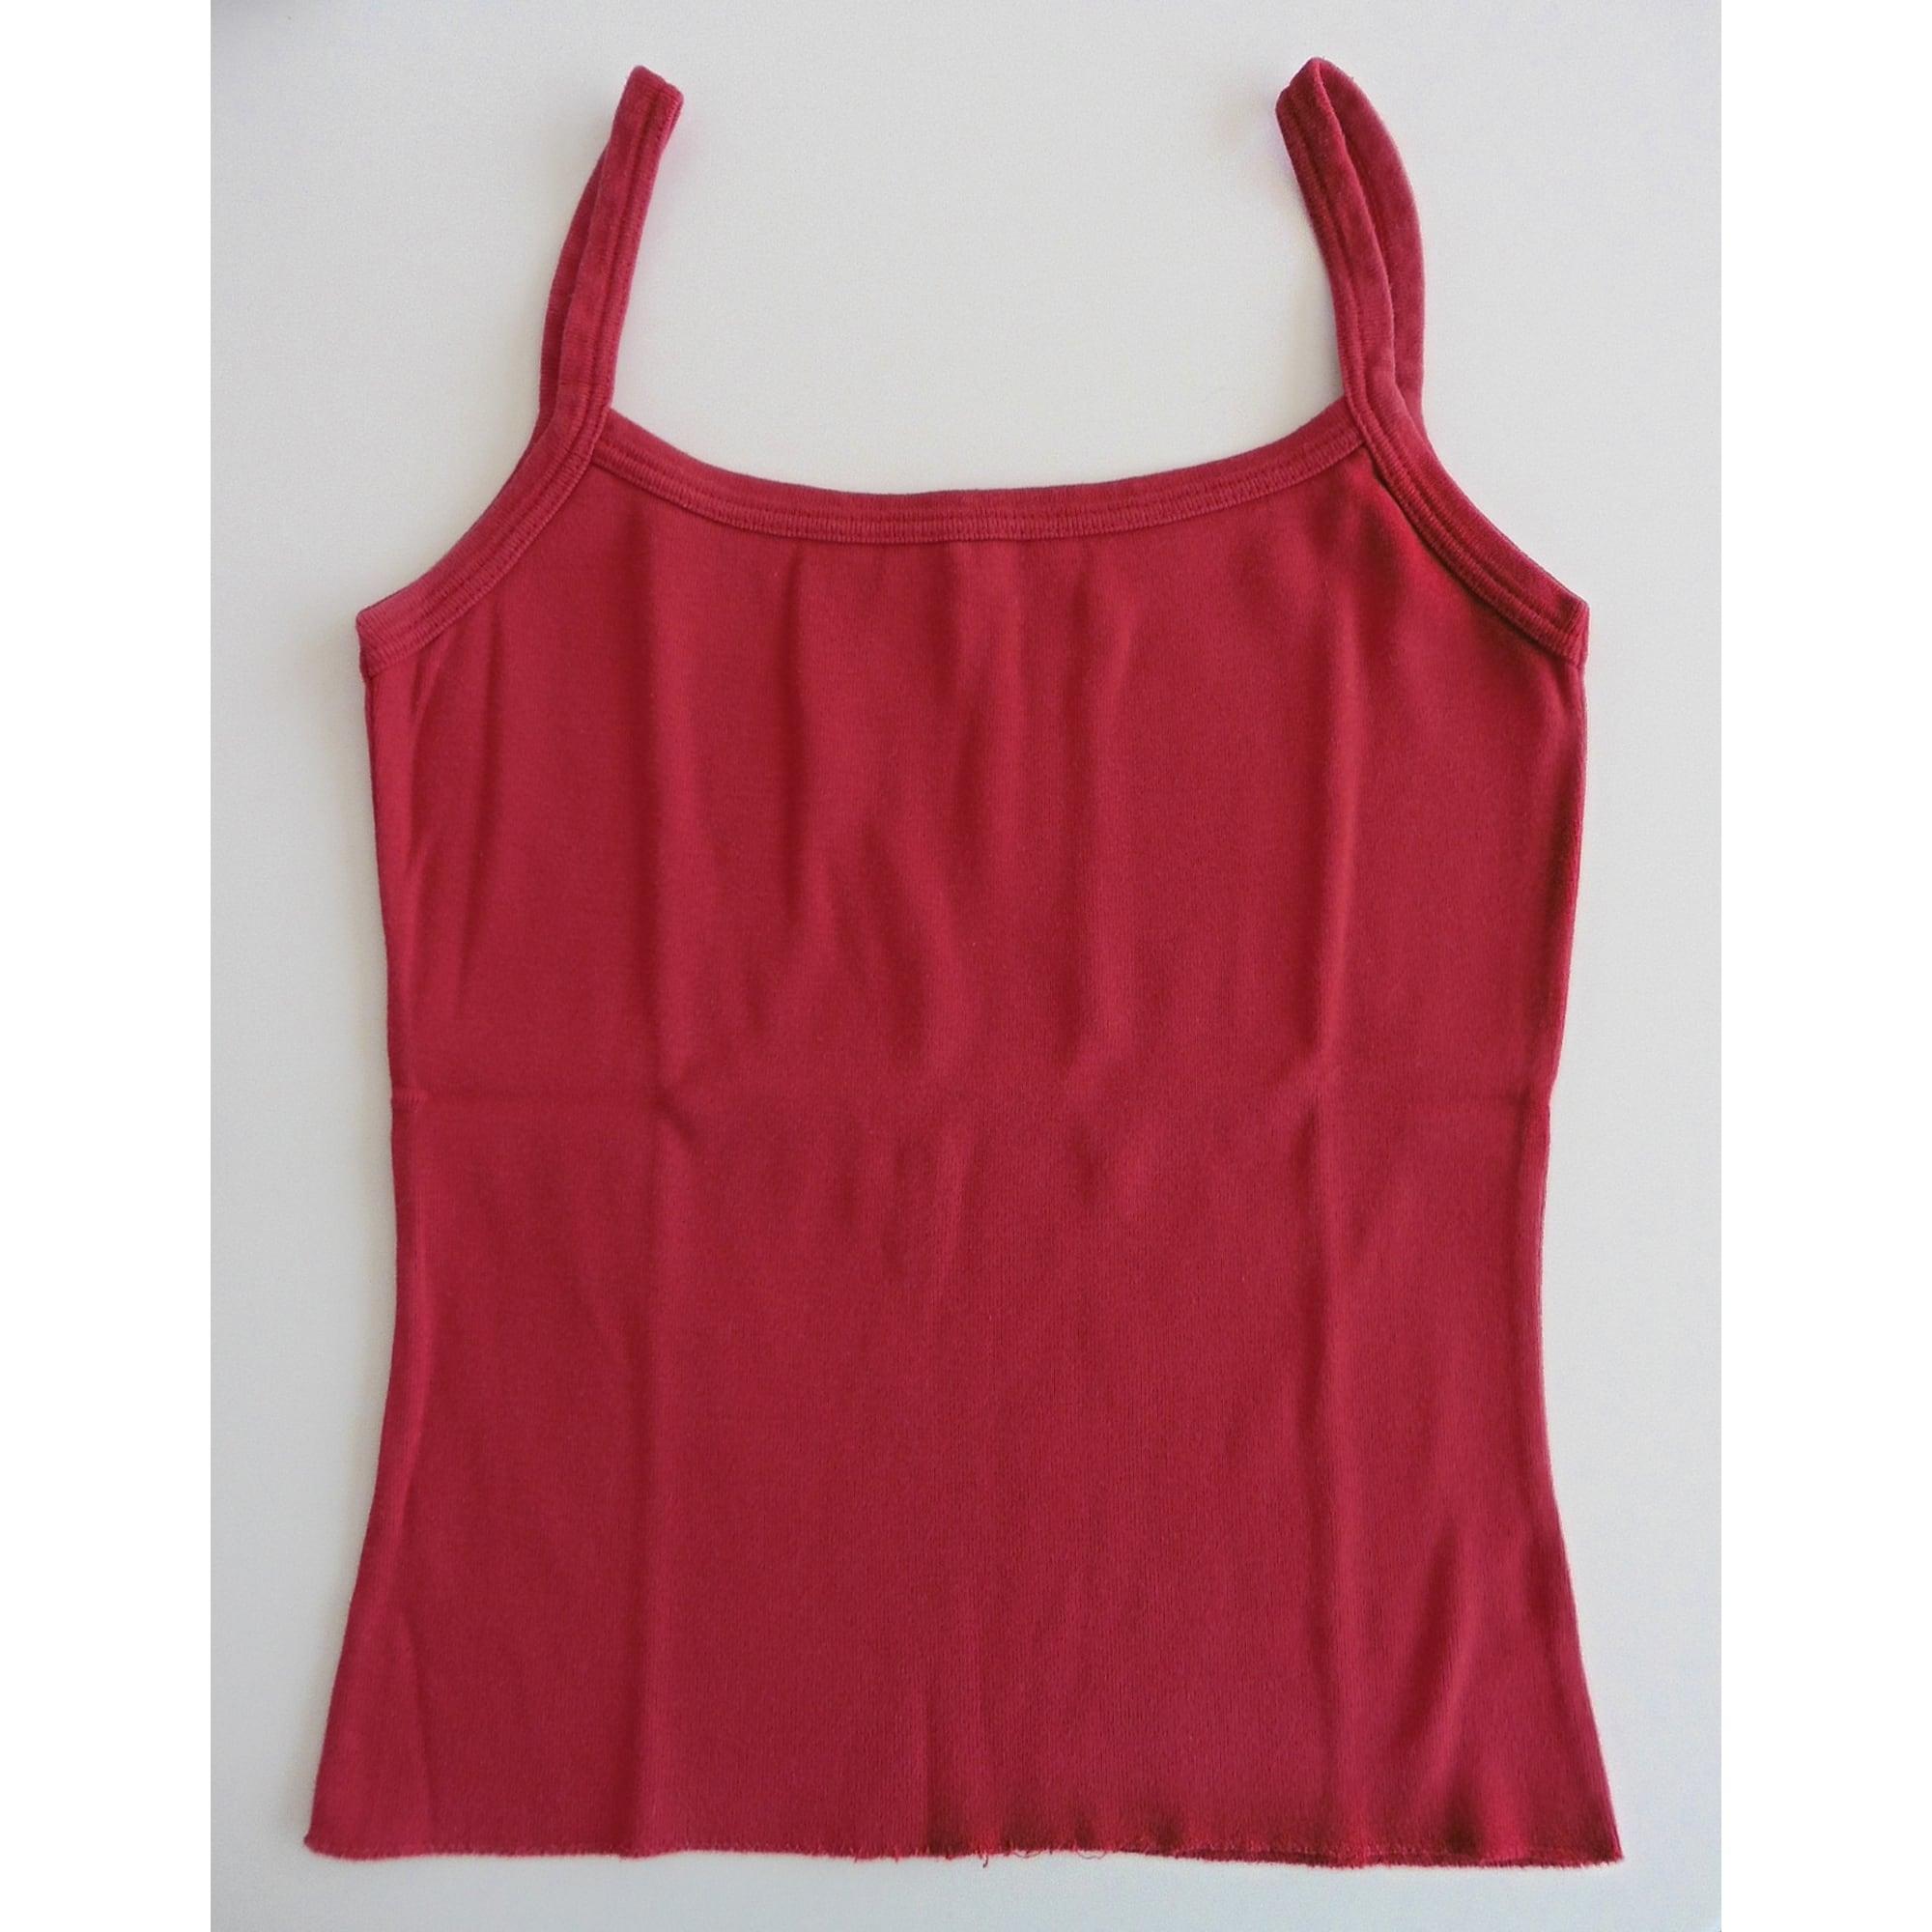 Top, tee-shirt PROMOD Rouge, bordeaux